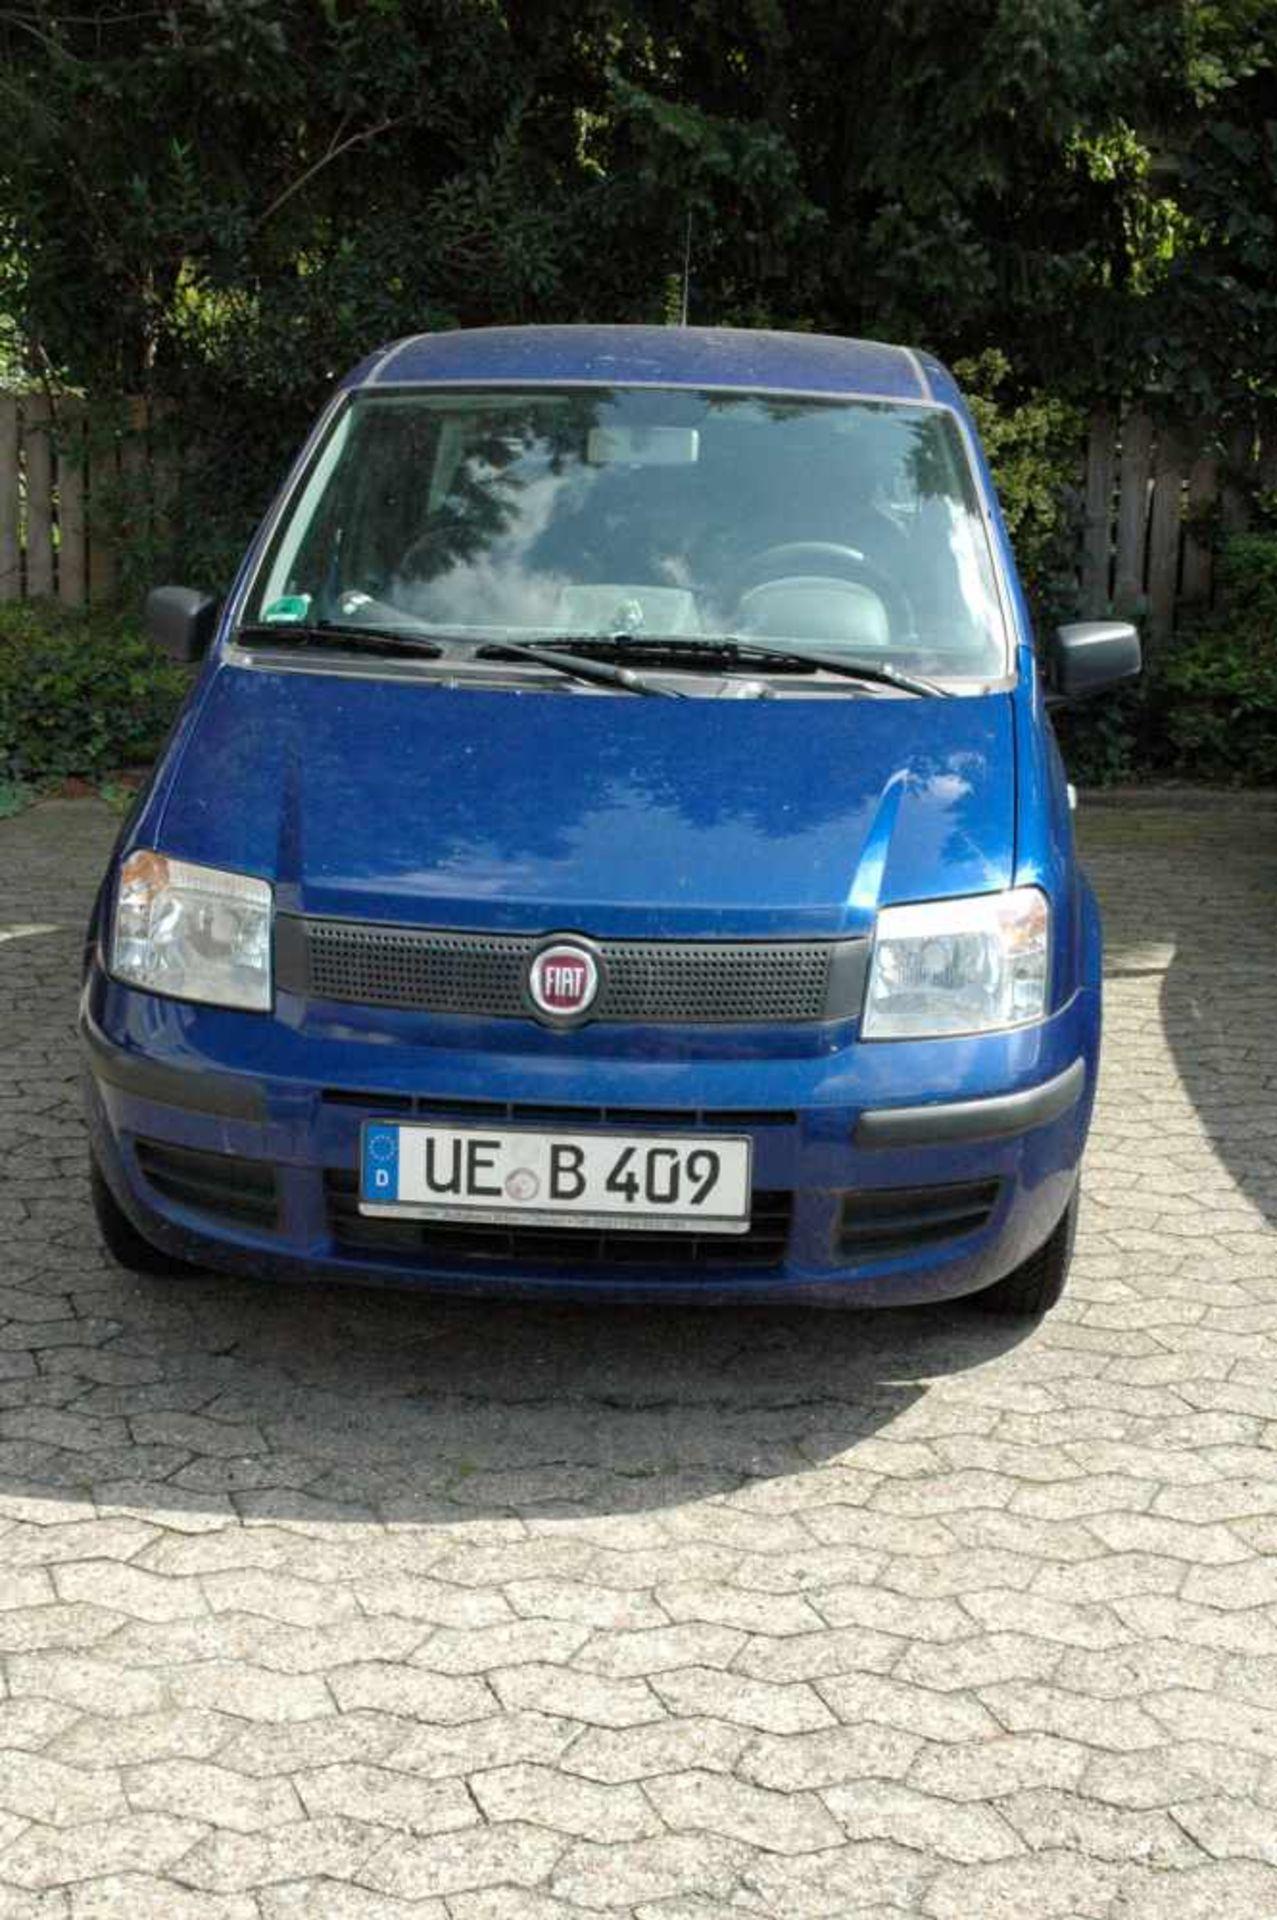 PKW, Fiat Panda, EZ 01.04.09, 40 kW, km-Stand: 130965m blau, TÜV 9/20, Benziner, Brief nicht - Bild 2 aus 9